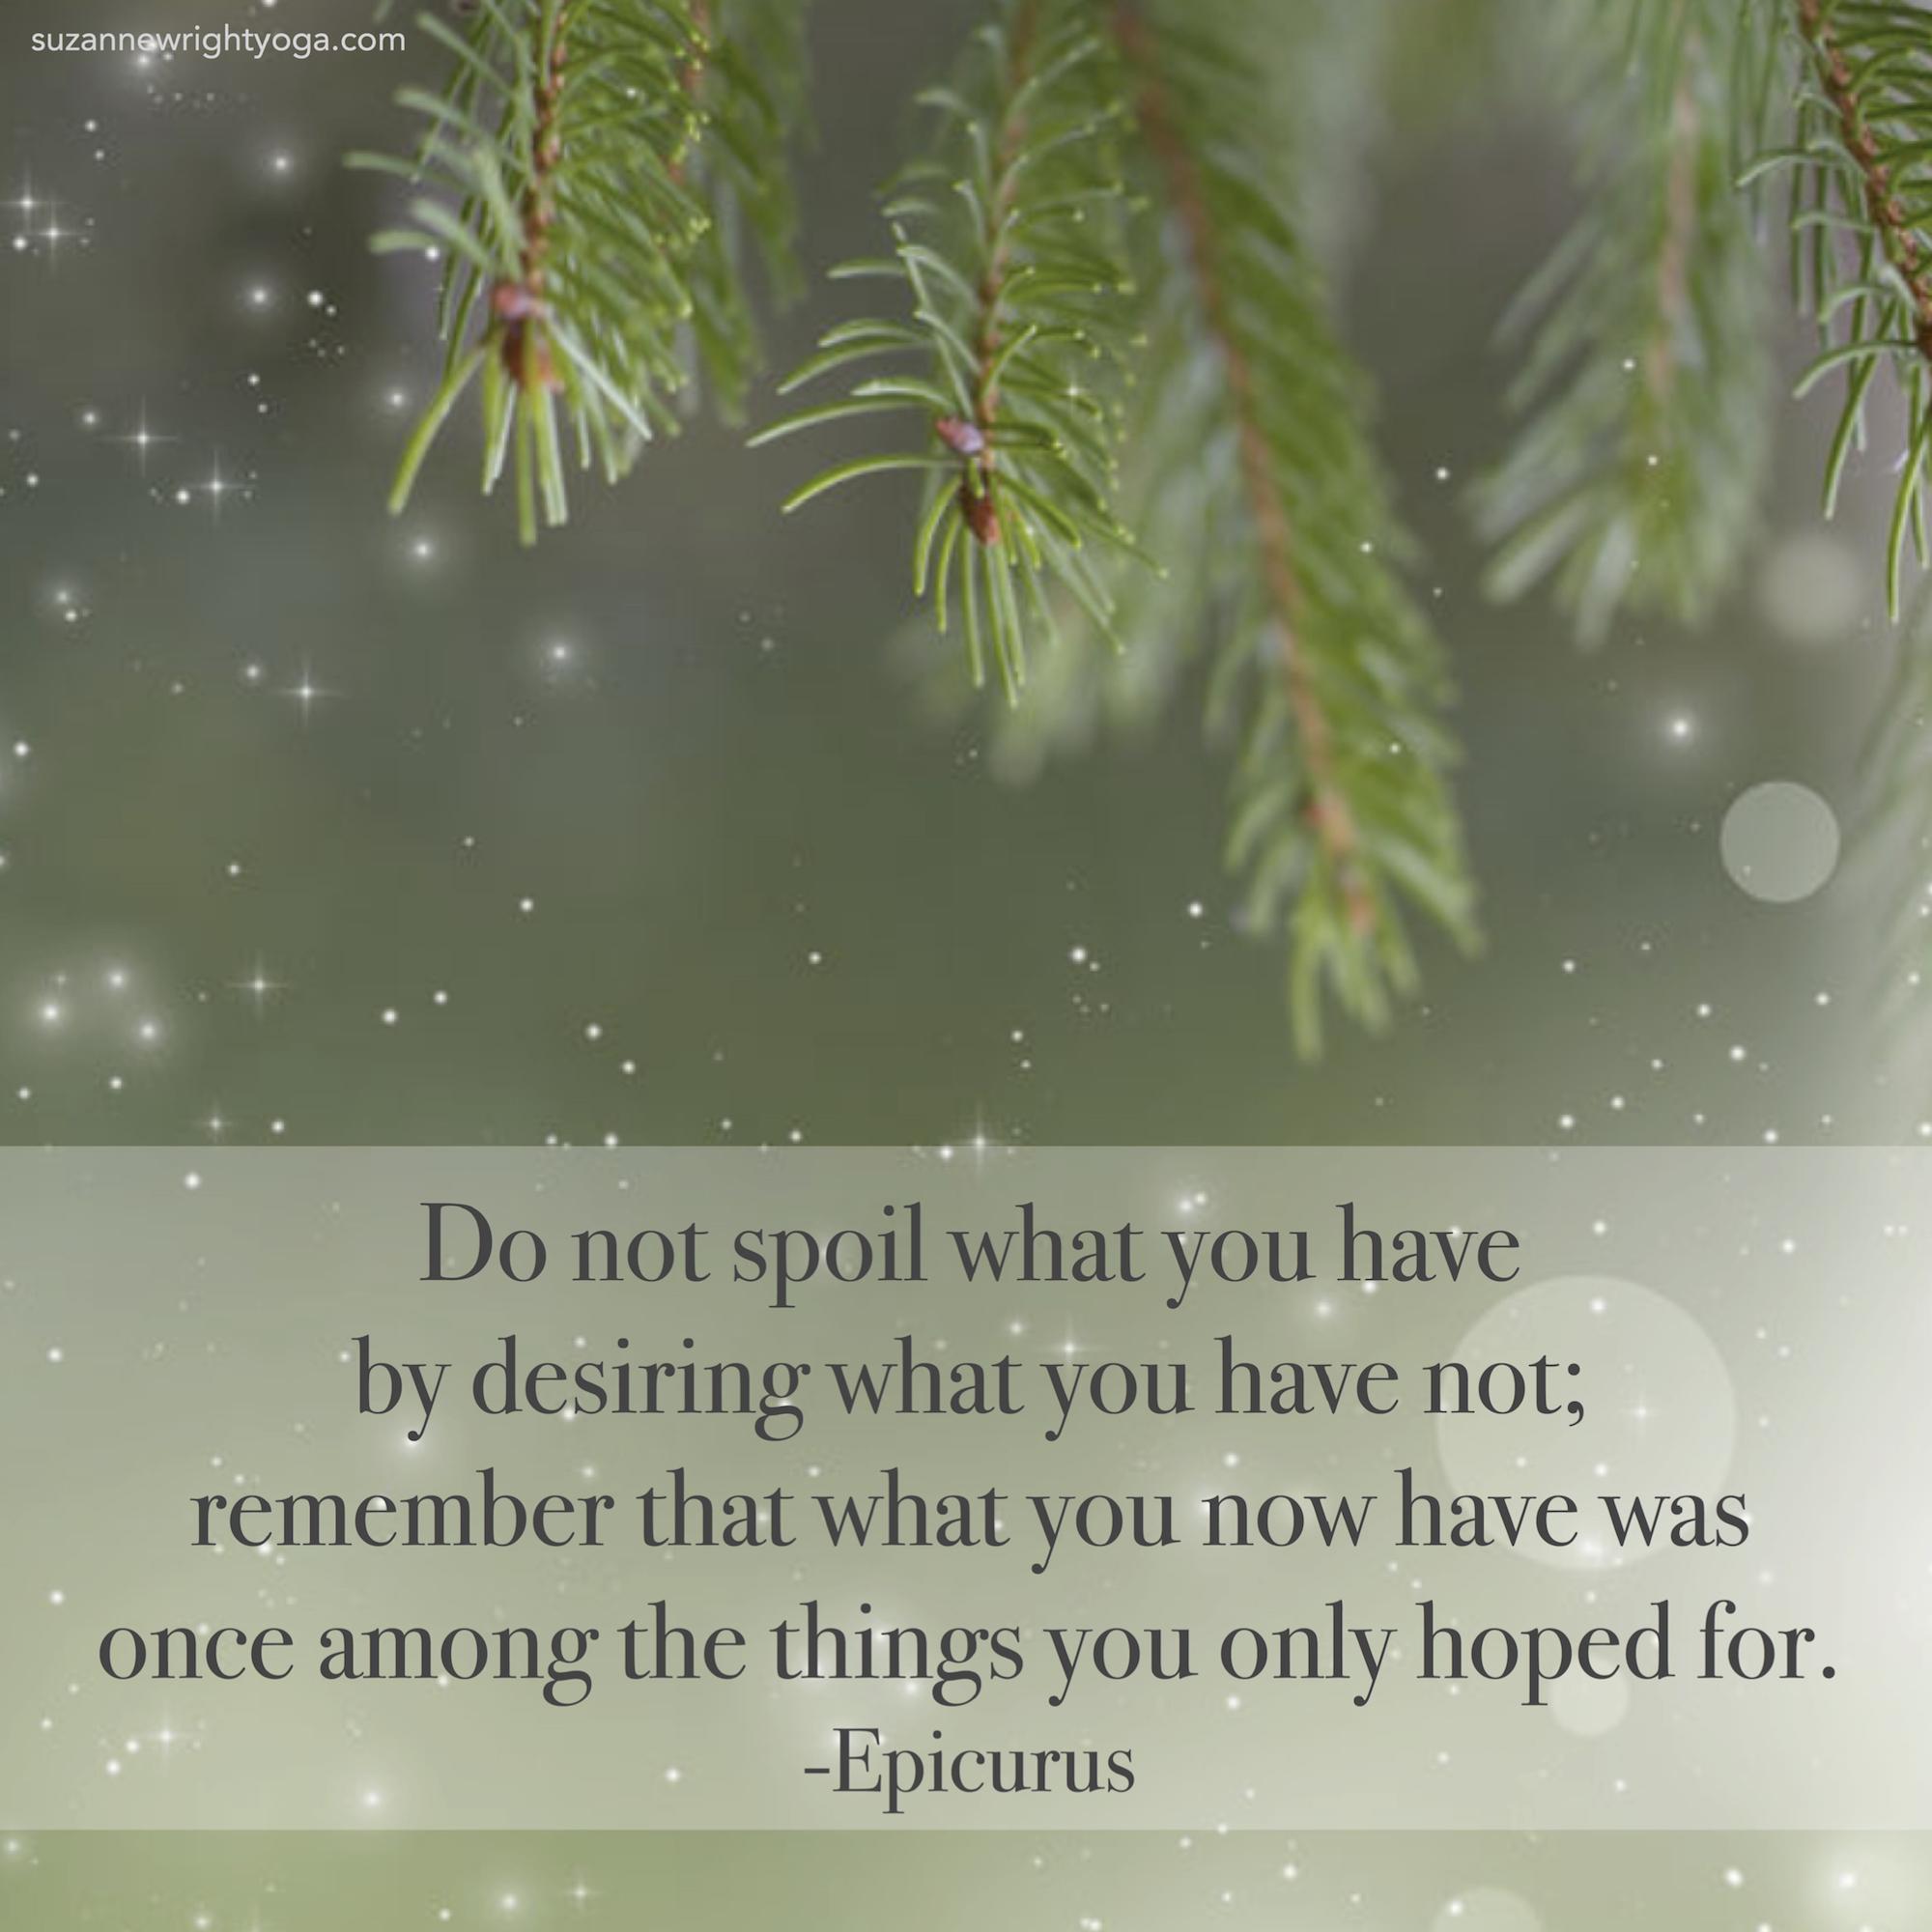 Do Not Spoil Epicurus 12-2-20